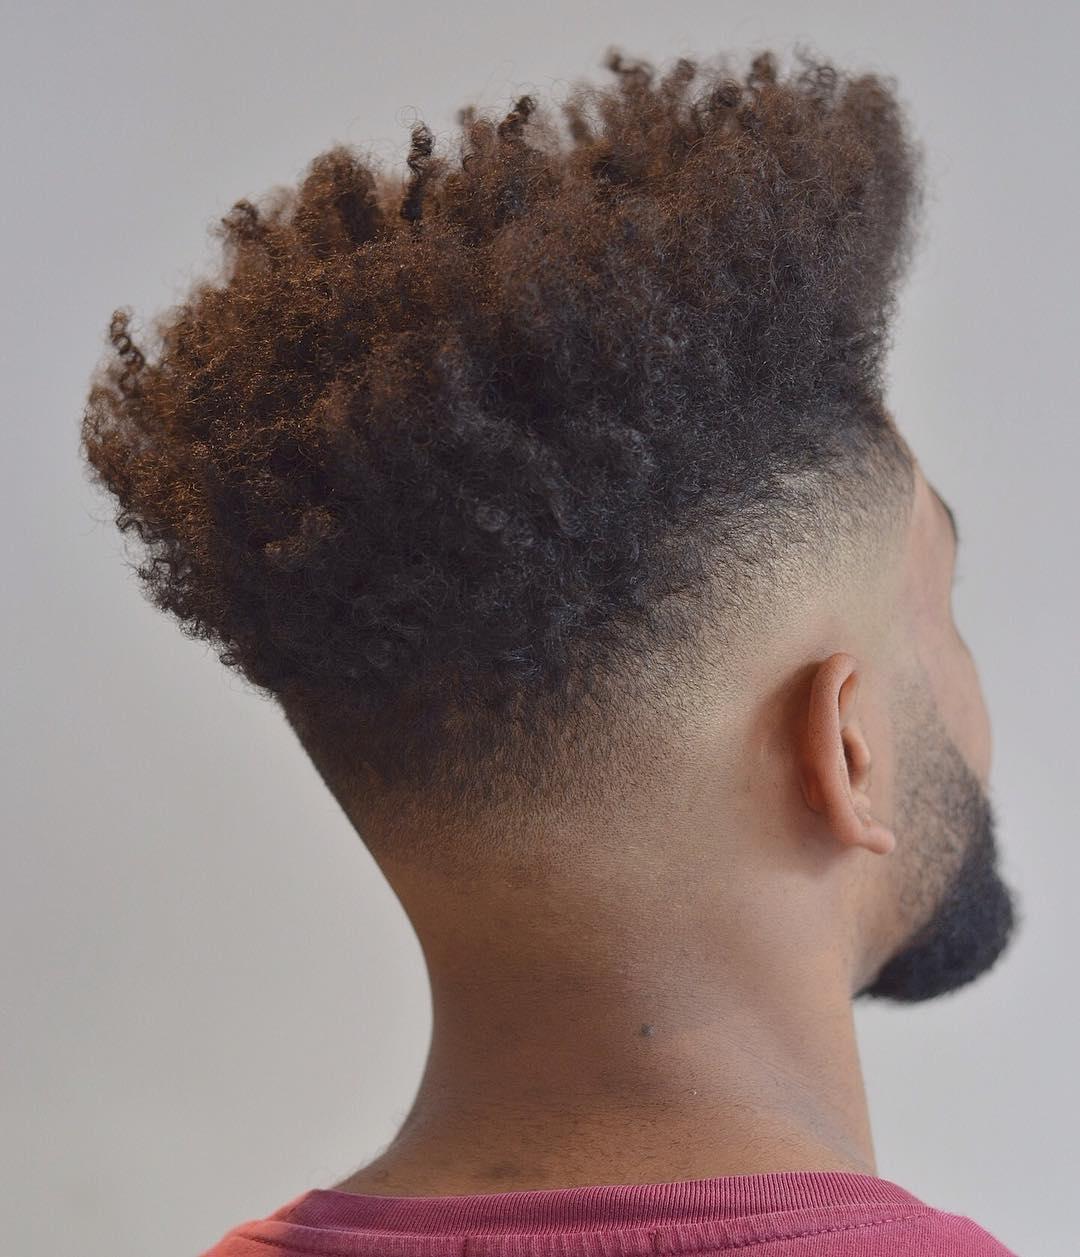 100 coupes de cheveux les plus populaires pour les hommes pour 2020 5f3f760d1f104 - 100+ coupes de cheveux les plus populaires pour les hommes pour 2020